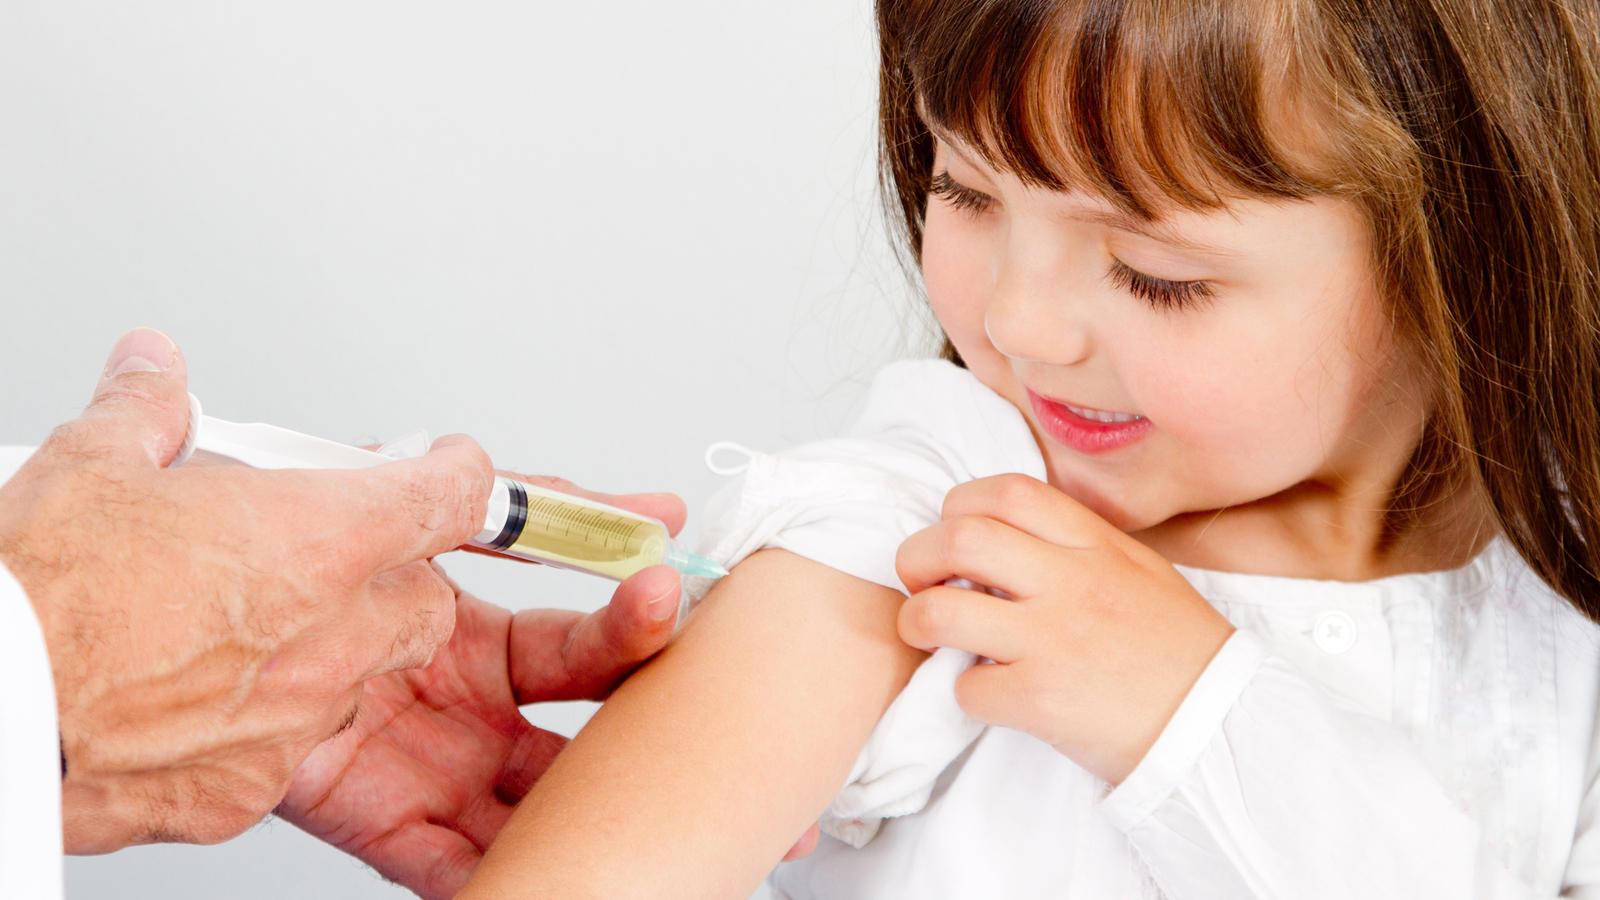 Der Impfkalender gibt Ihnen eine Übersicht der Impfungen, die Ihr Kind braucht